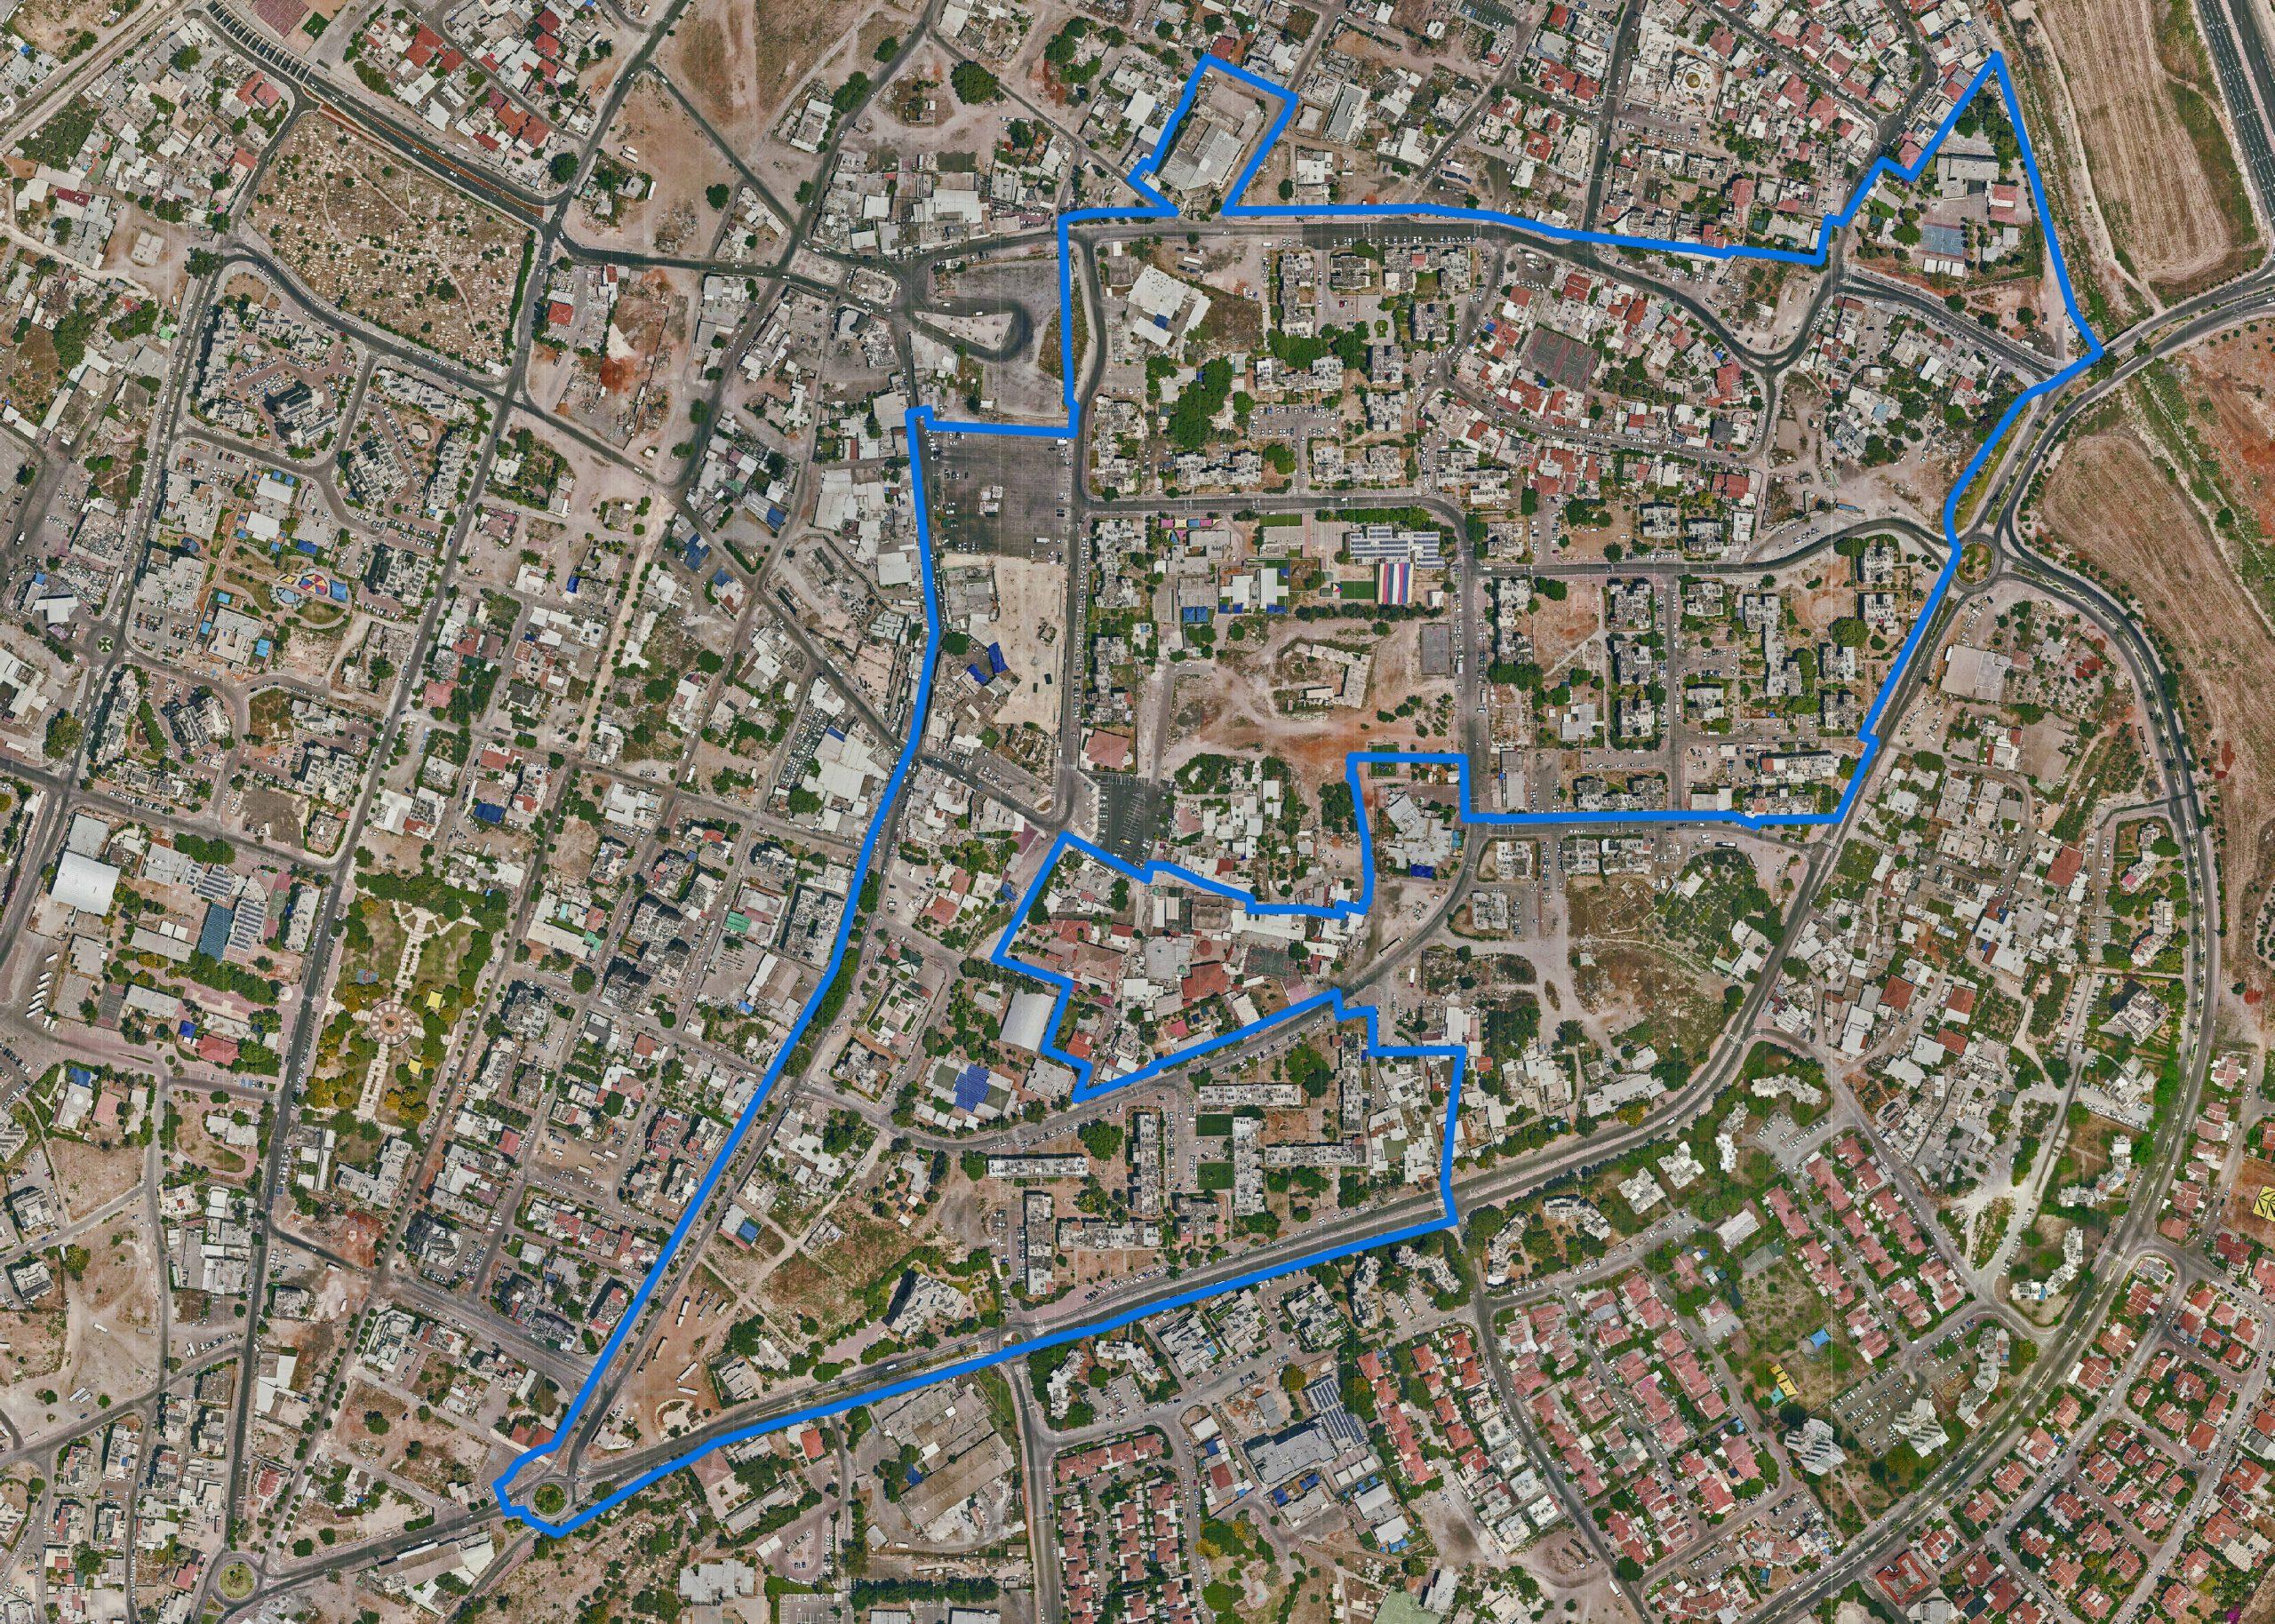 קו כחול מעודכן עיר עתקיה 2019 12 08